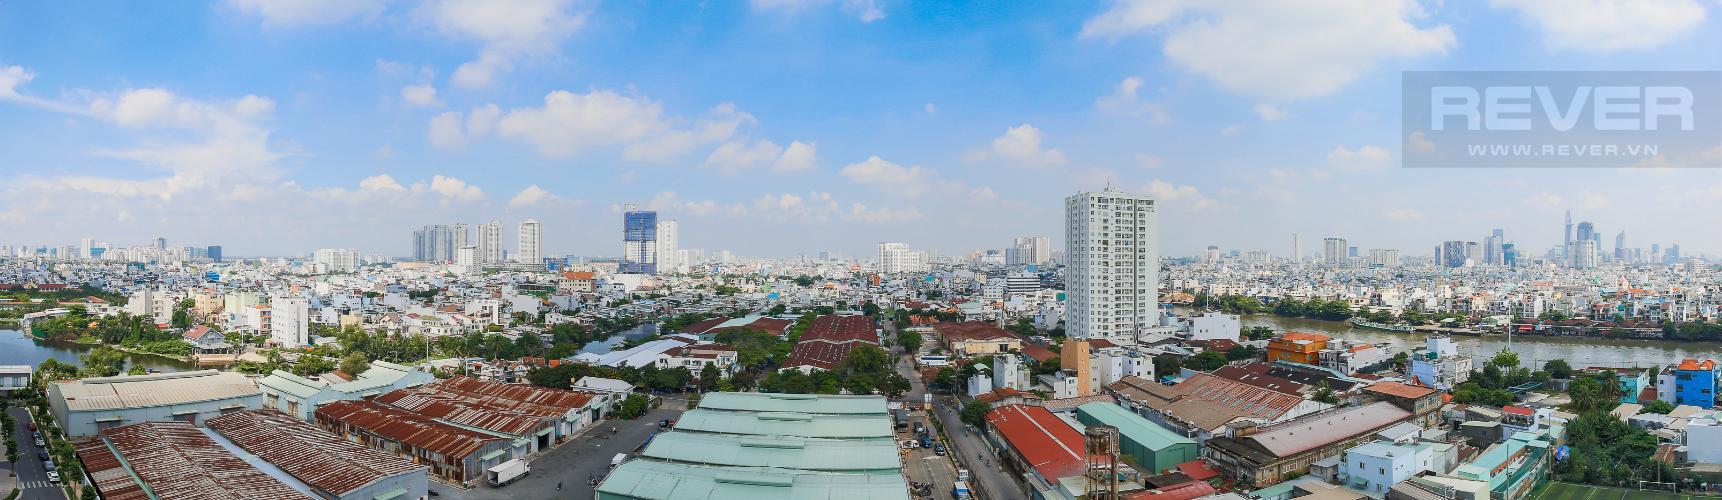 View Phòng Khách Căn hộ M-One Nam Sài Gòn 3 phòng ngủ tầng trung T1 nội thất đầy đủ